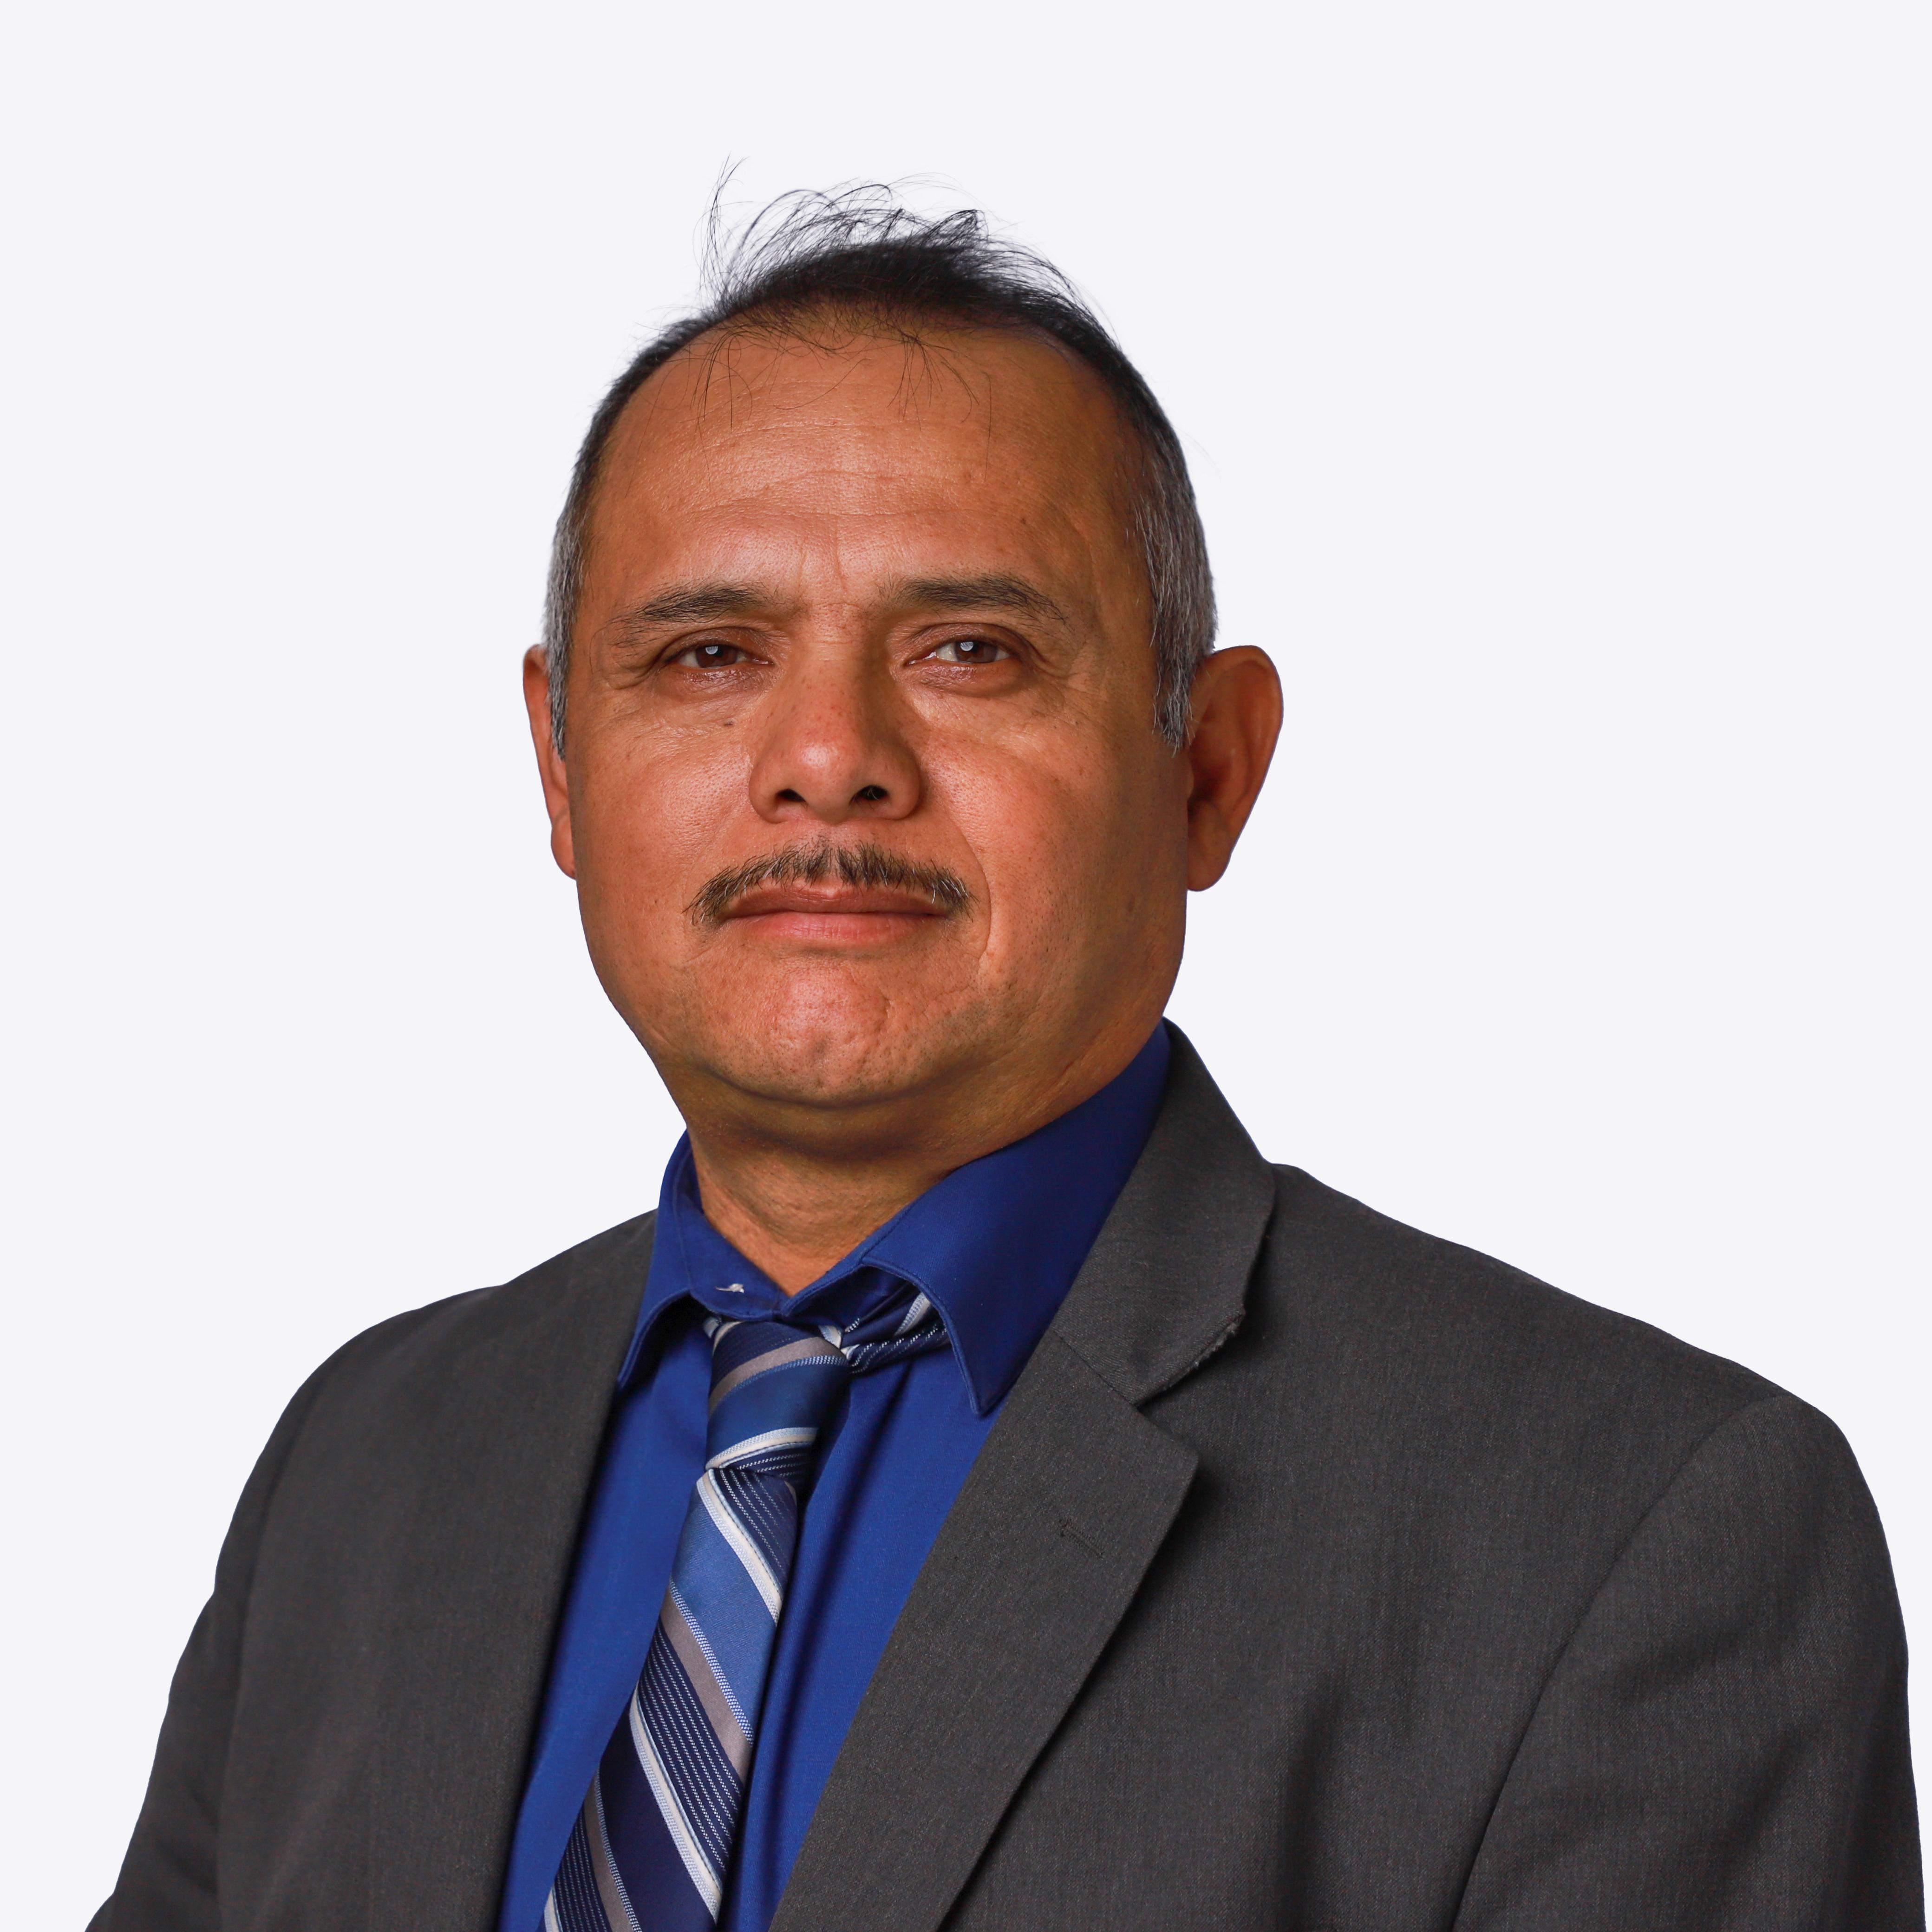 Joselito Renteria